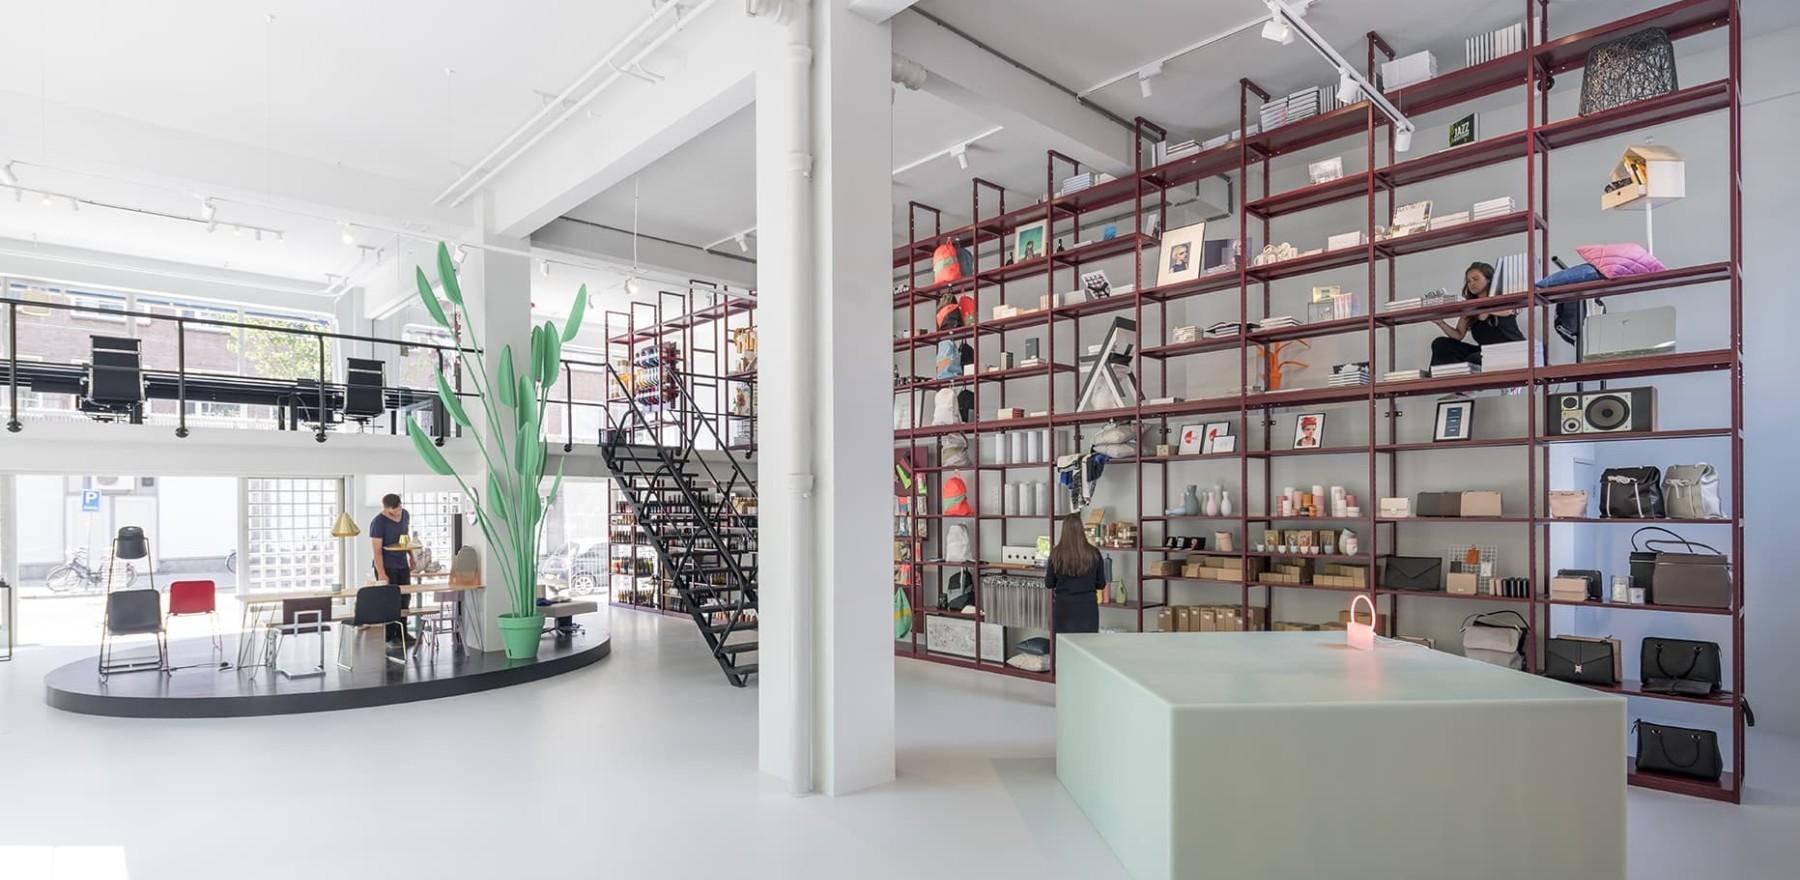 Groos verhuist naar Het Industriegebouw, MVRDV ontwerpt interieur